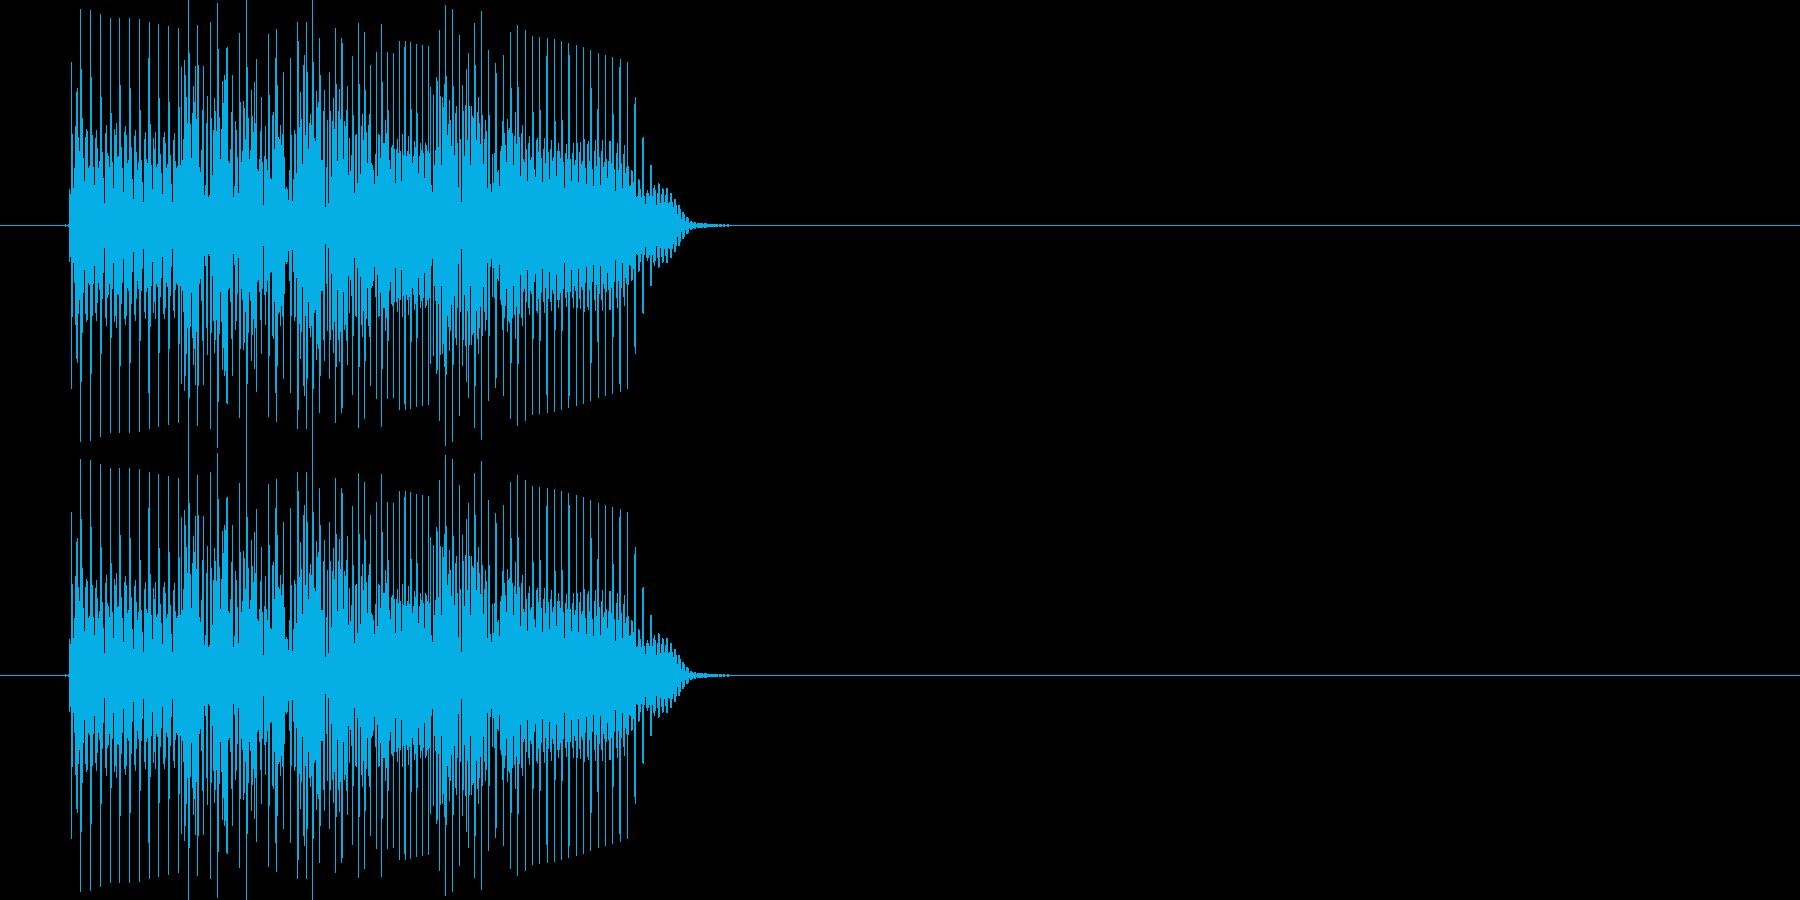 ティロリロン(電子音)の再生済みの波形